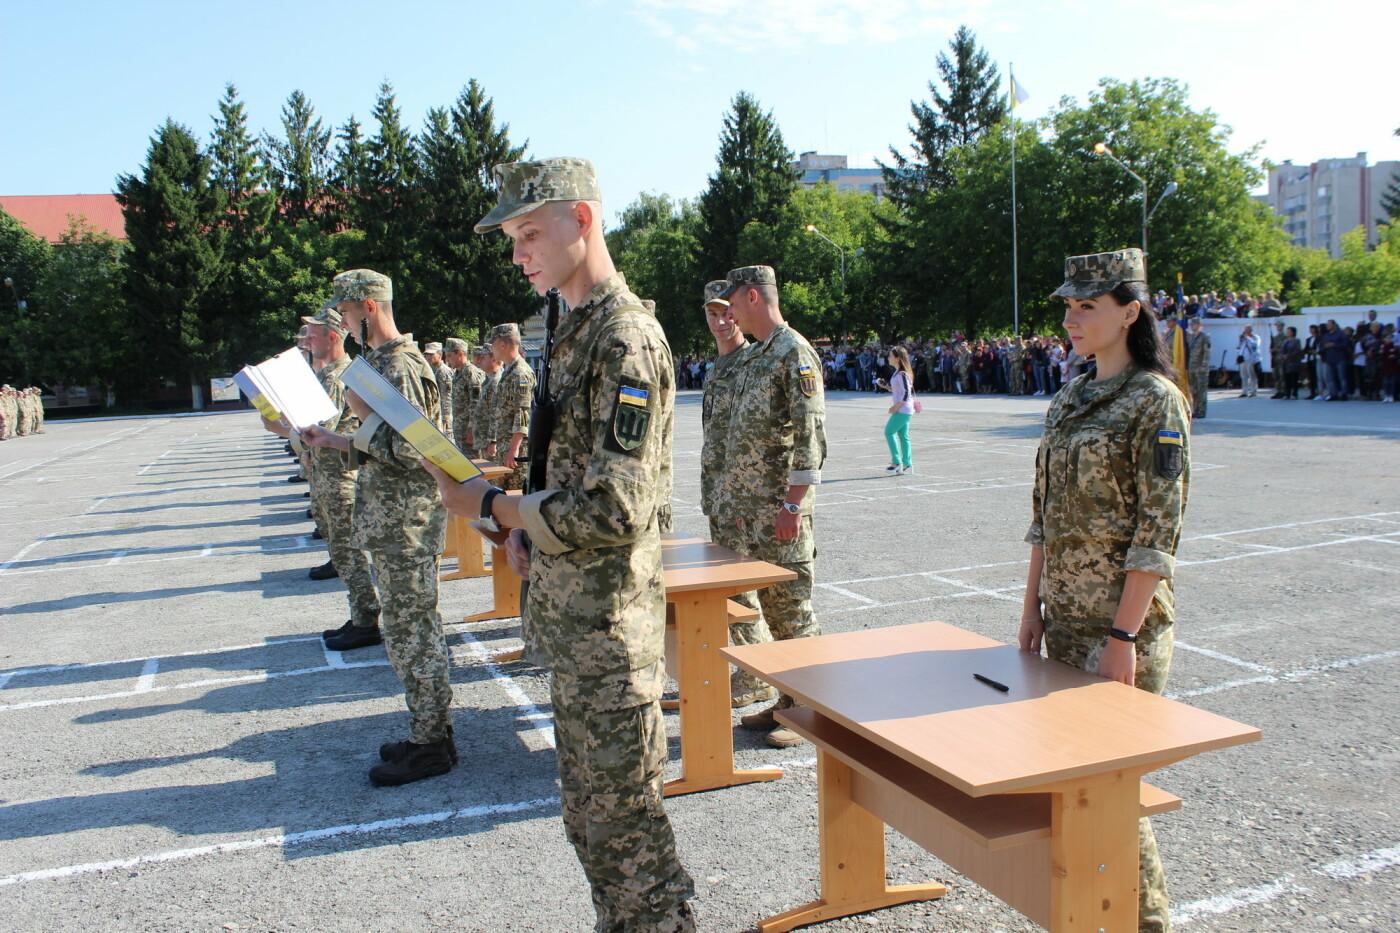 У Кам'янці 240 військовослужбовців склали присягу, фото-4, Фото: Olha Povorozniuk